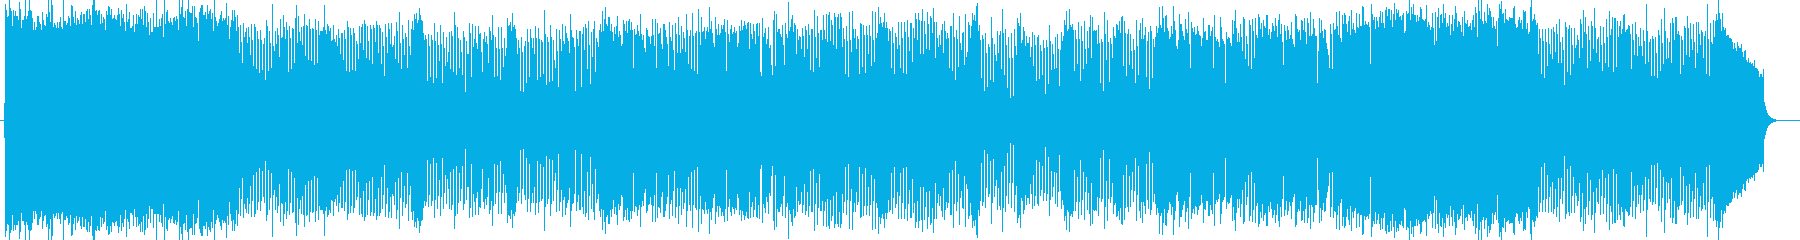 ゆったりとした華麗で壮大なオーケストラ曲の再生済みの波形